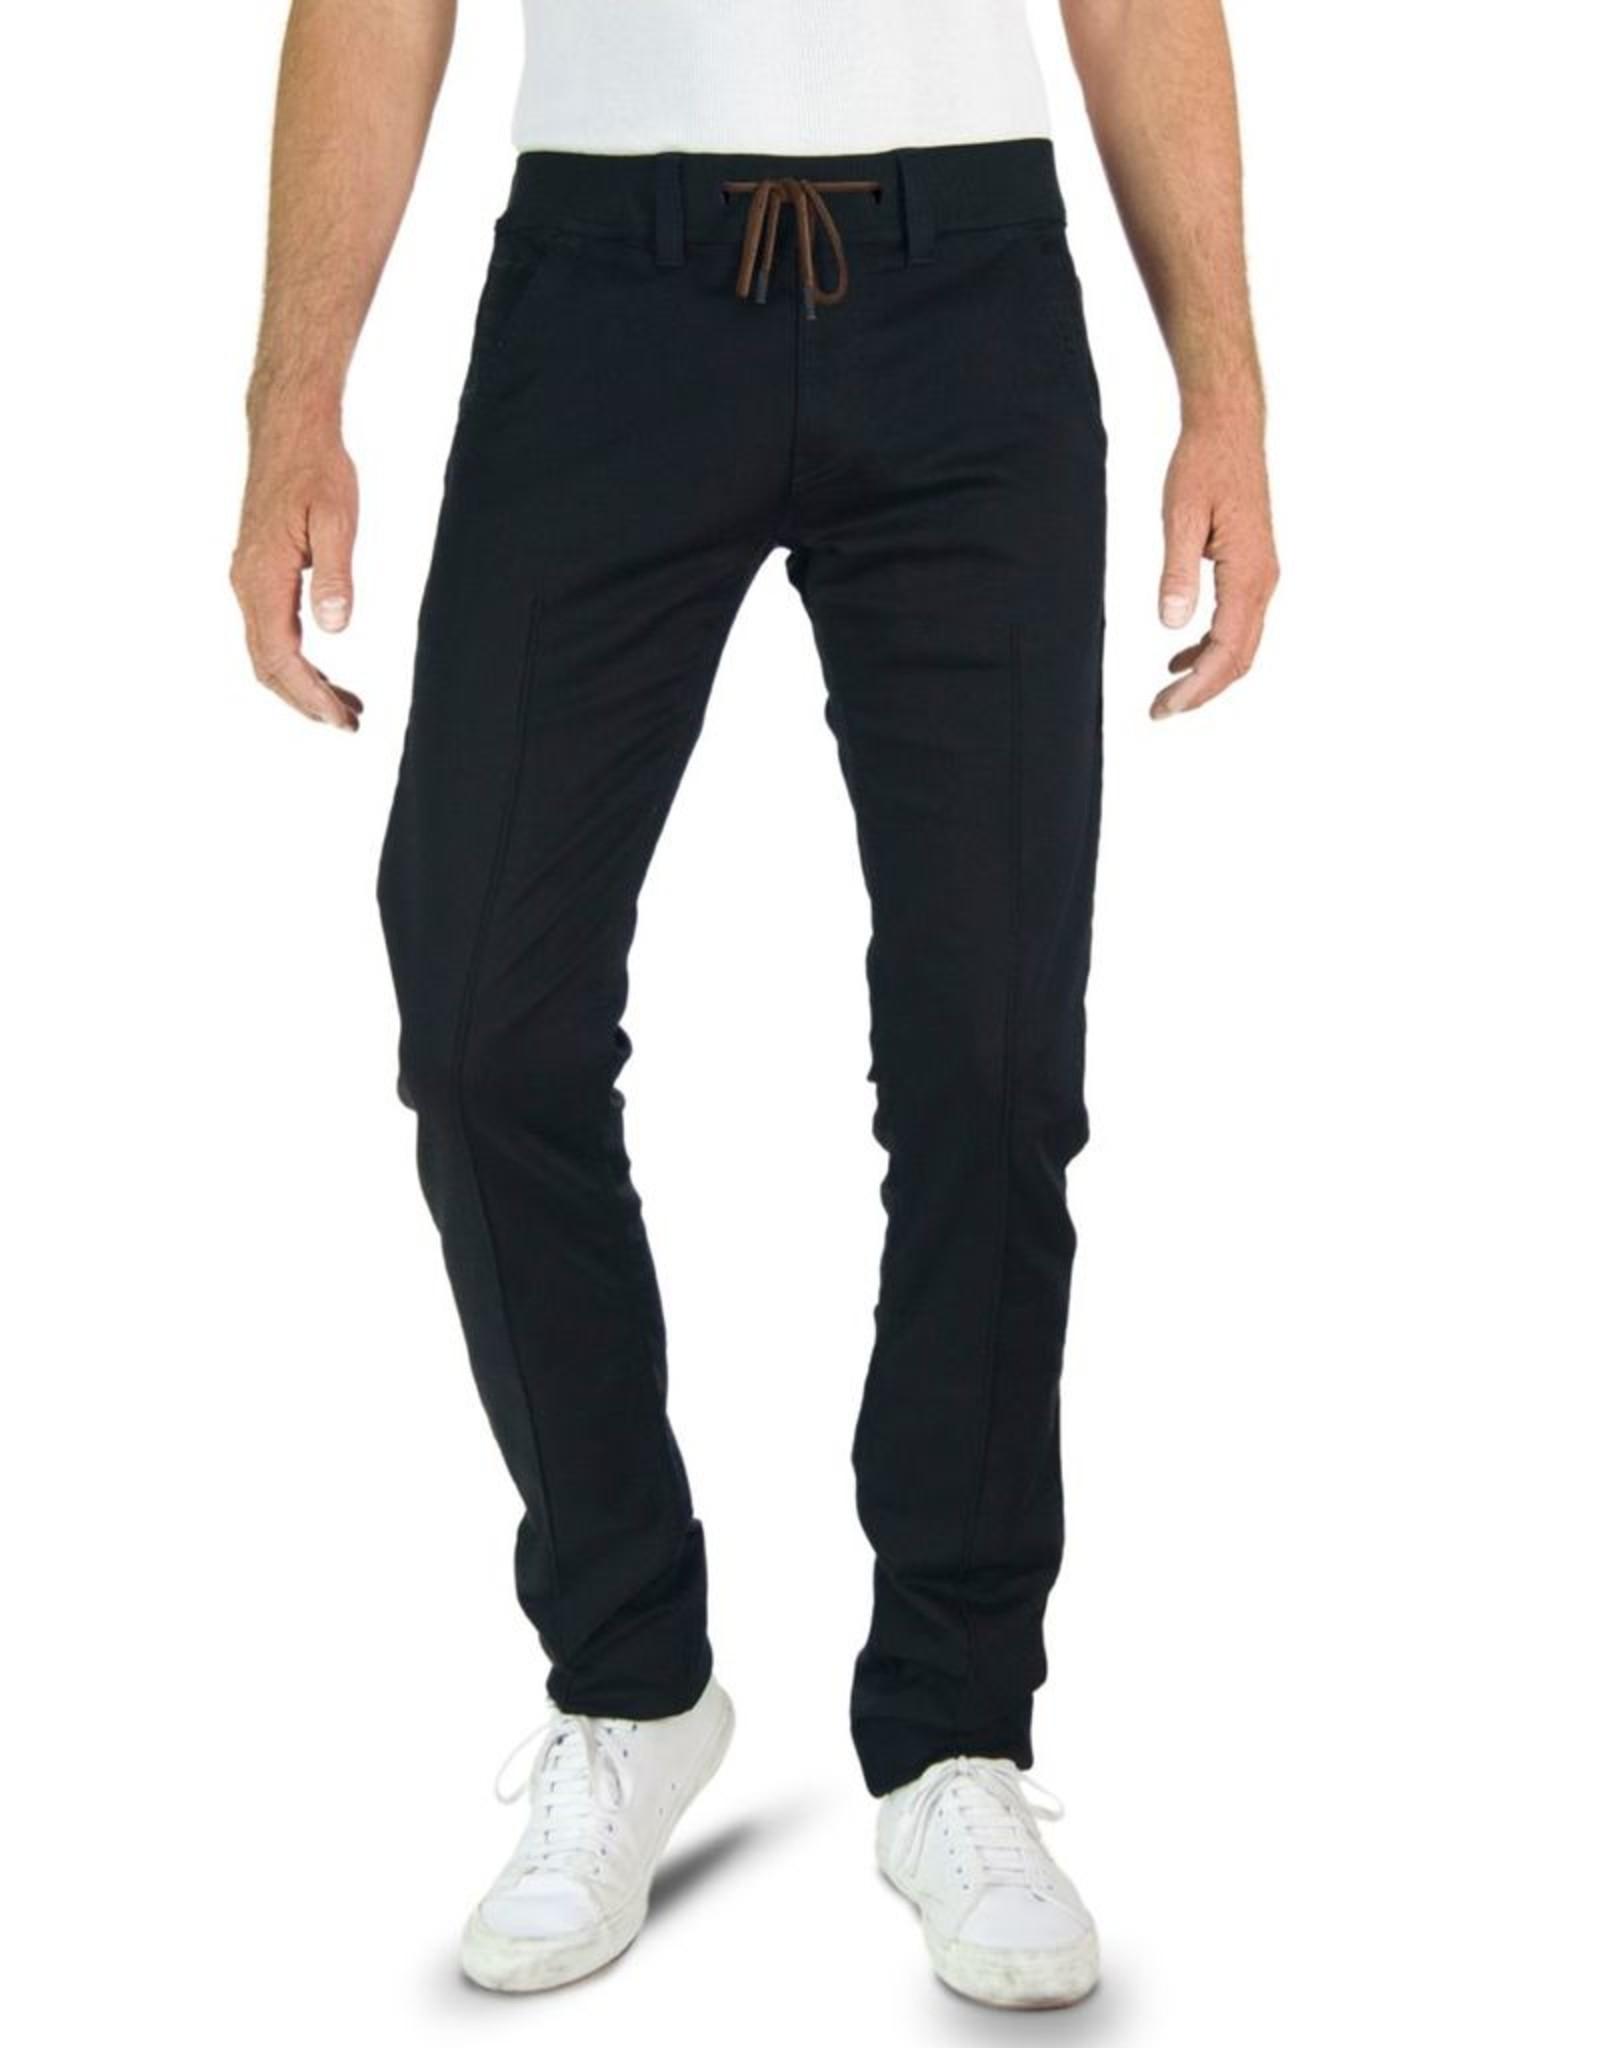 CUB JEANS Cub Bobcat Jogg Jeans